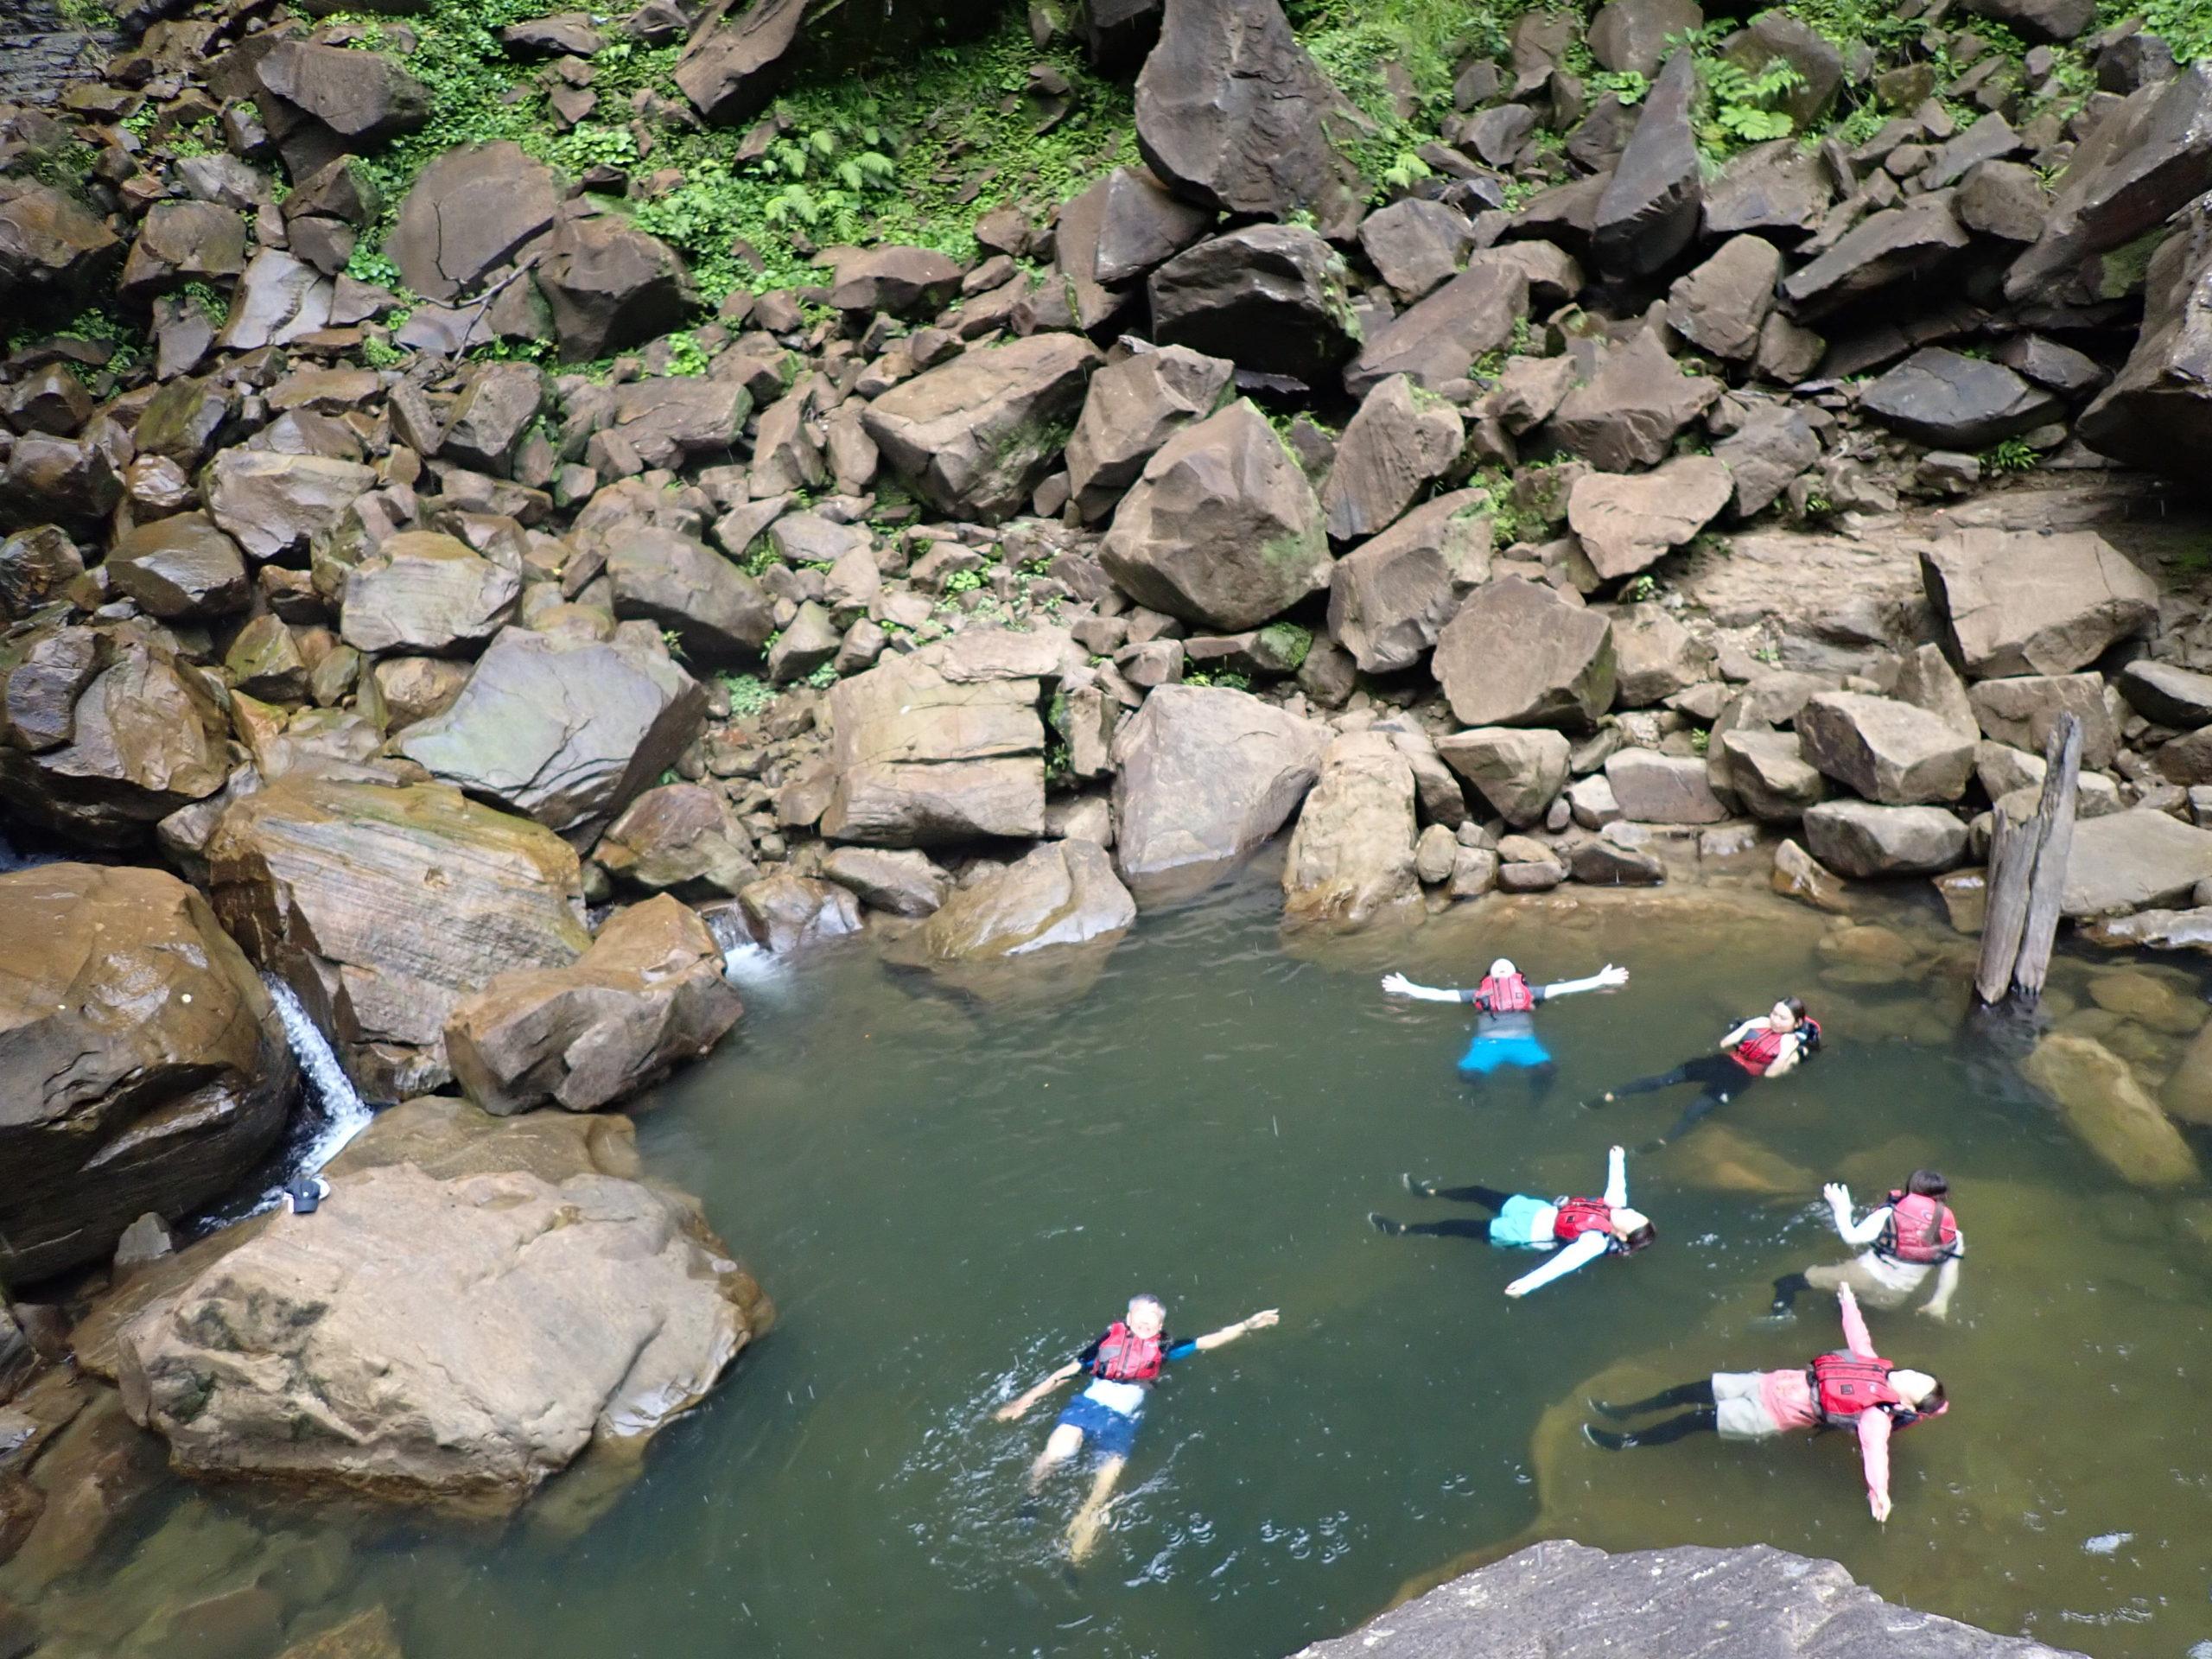 GWの混雑を避けて自然を満喫\(^^)/西表島 ピナイサーラの滝カヌーツアー